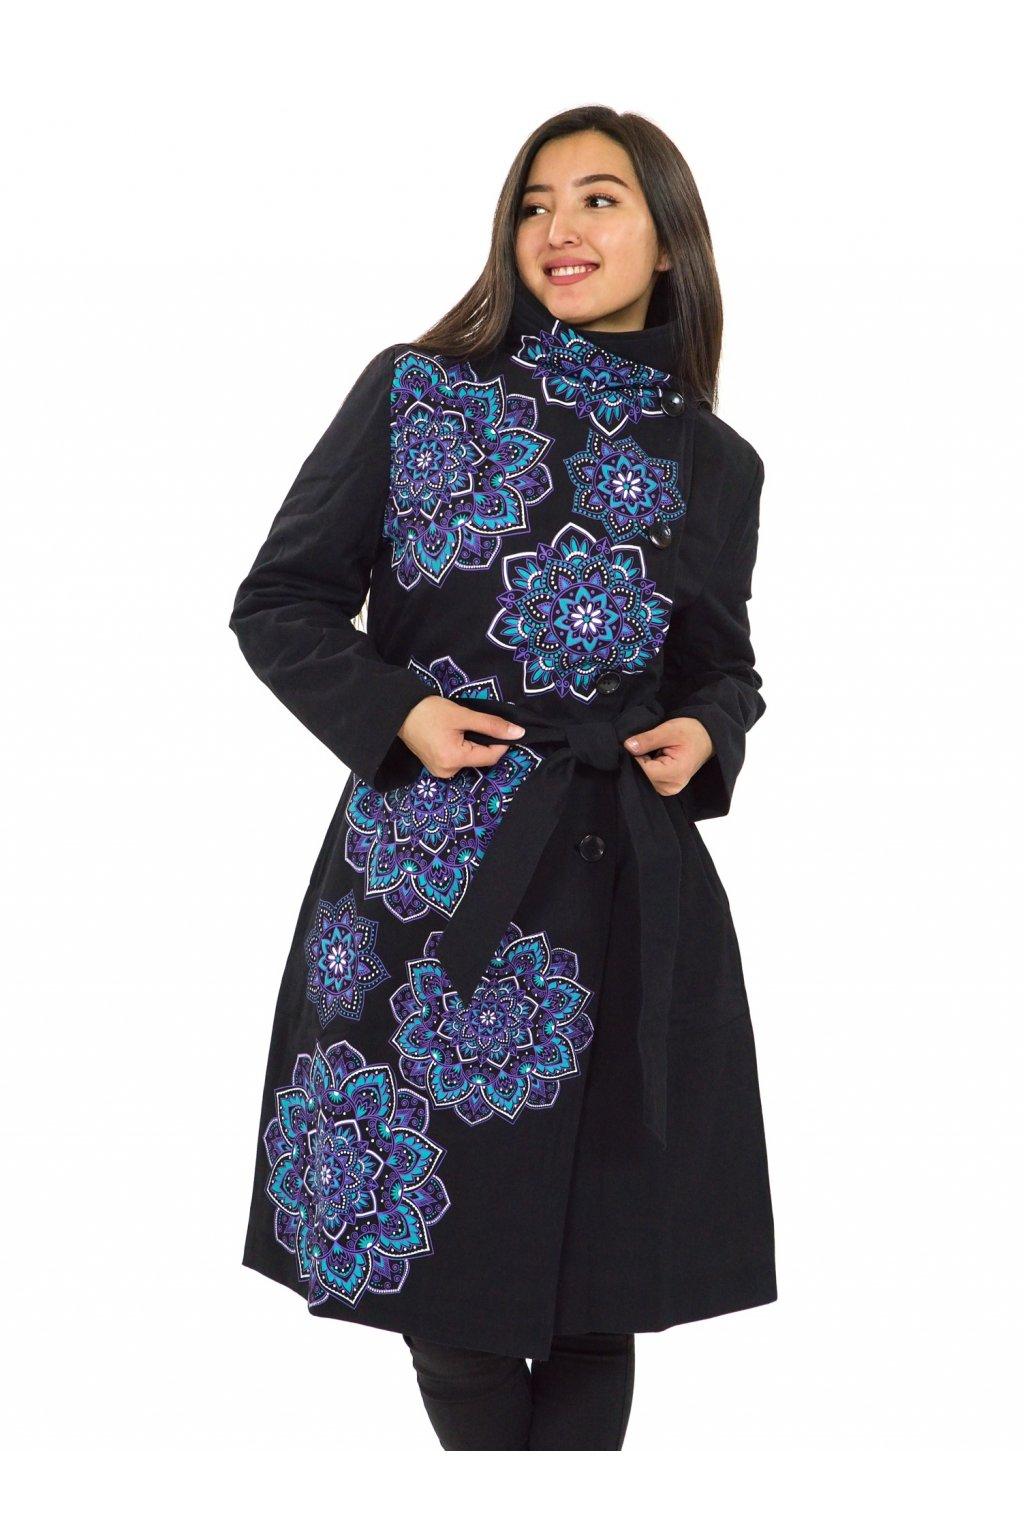 Podzimní/zimní kabát Himalaya - tyrkysová s fialovou